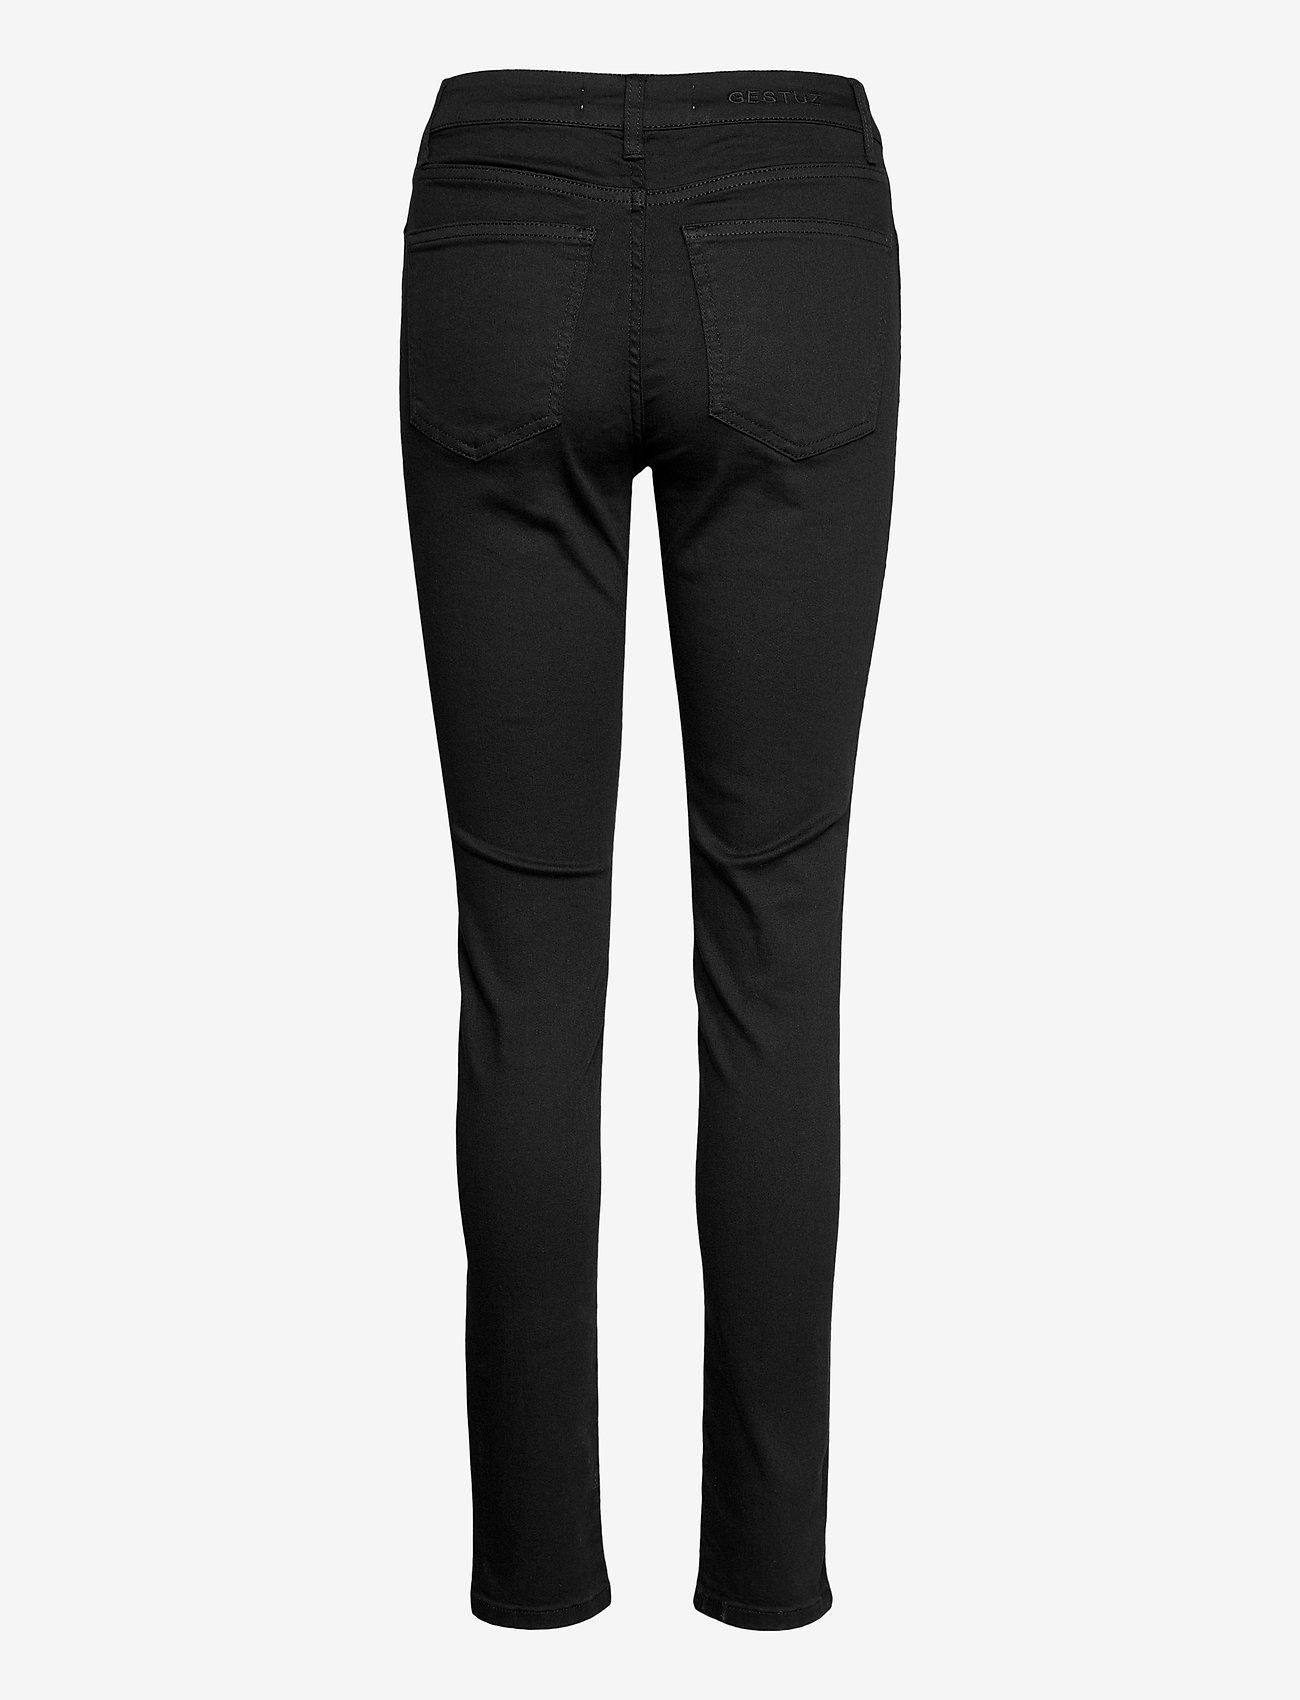 Gestuz - MaggieGZ MW skinny jeans NOOS black - skinny jeans - black - 2